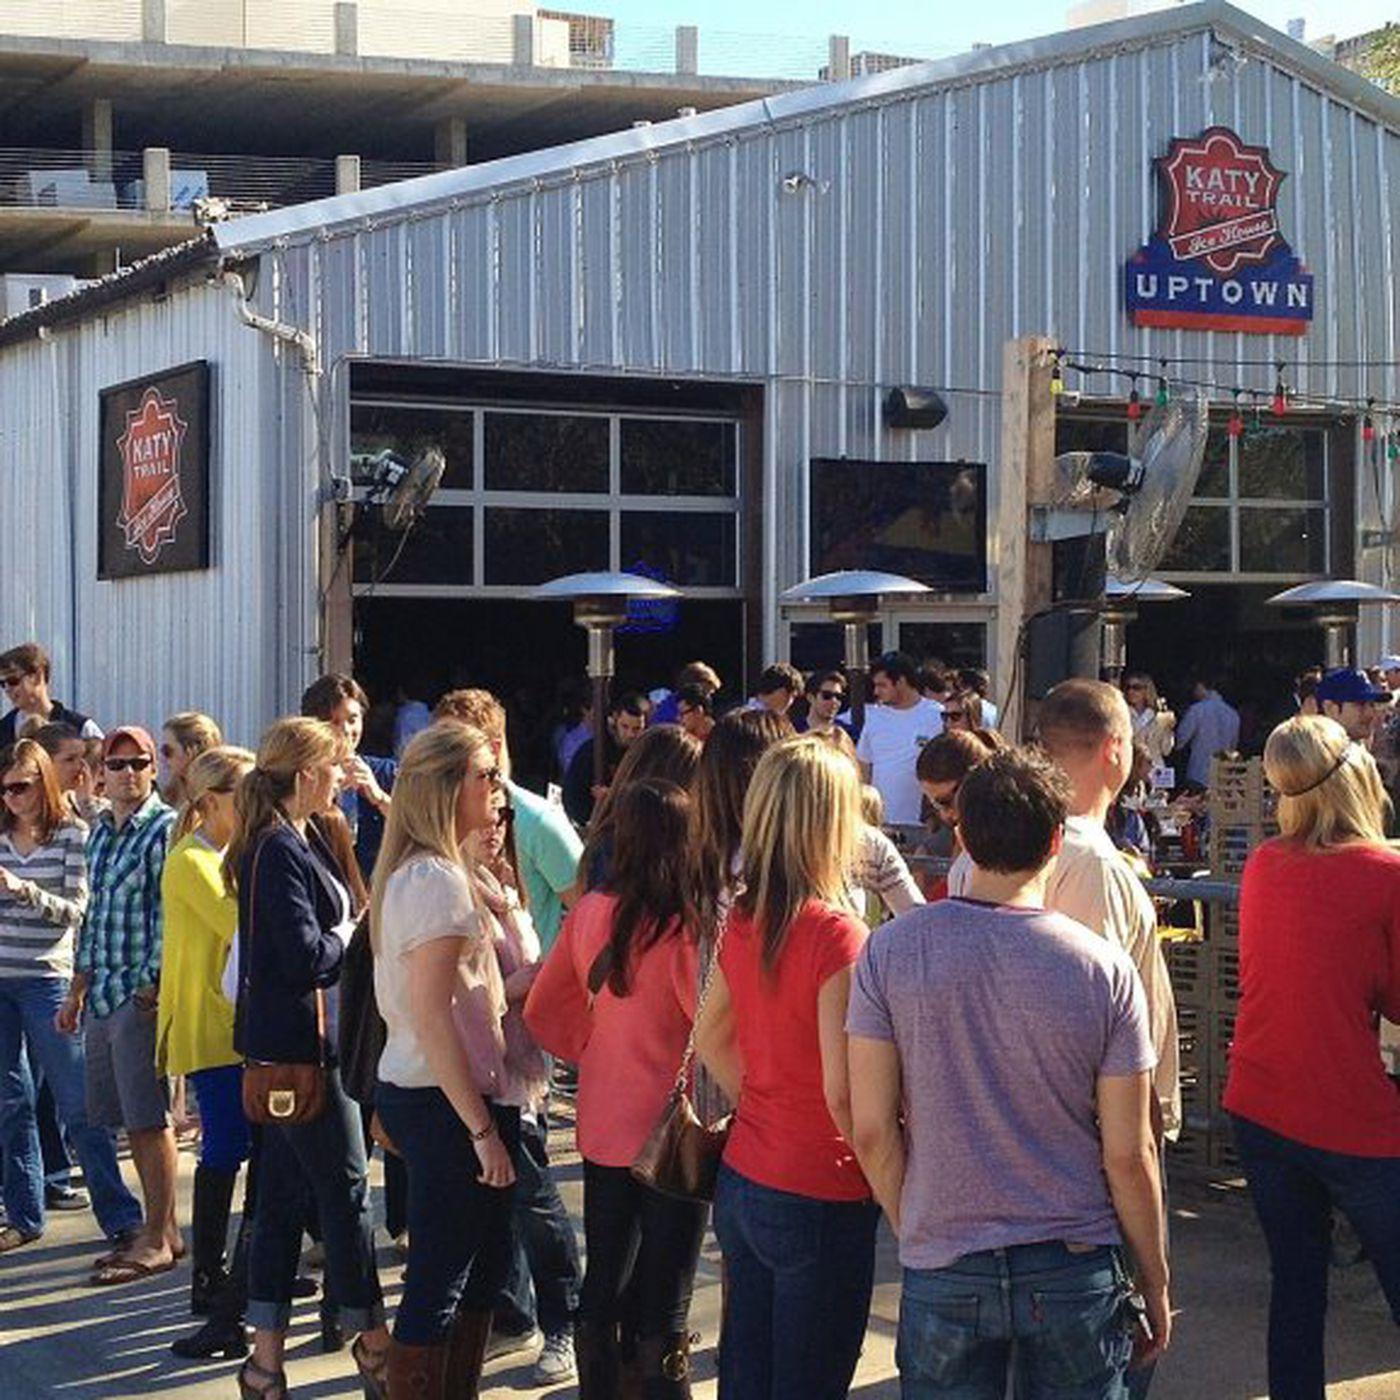 Where To Watch Super Bowl 50 In Dallas - Eater Dallas